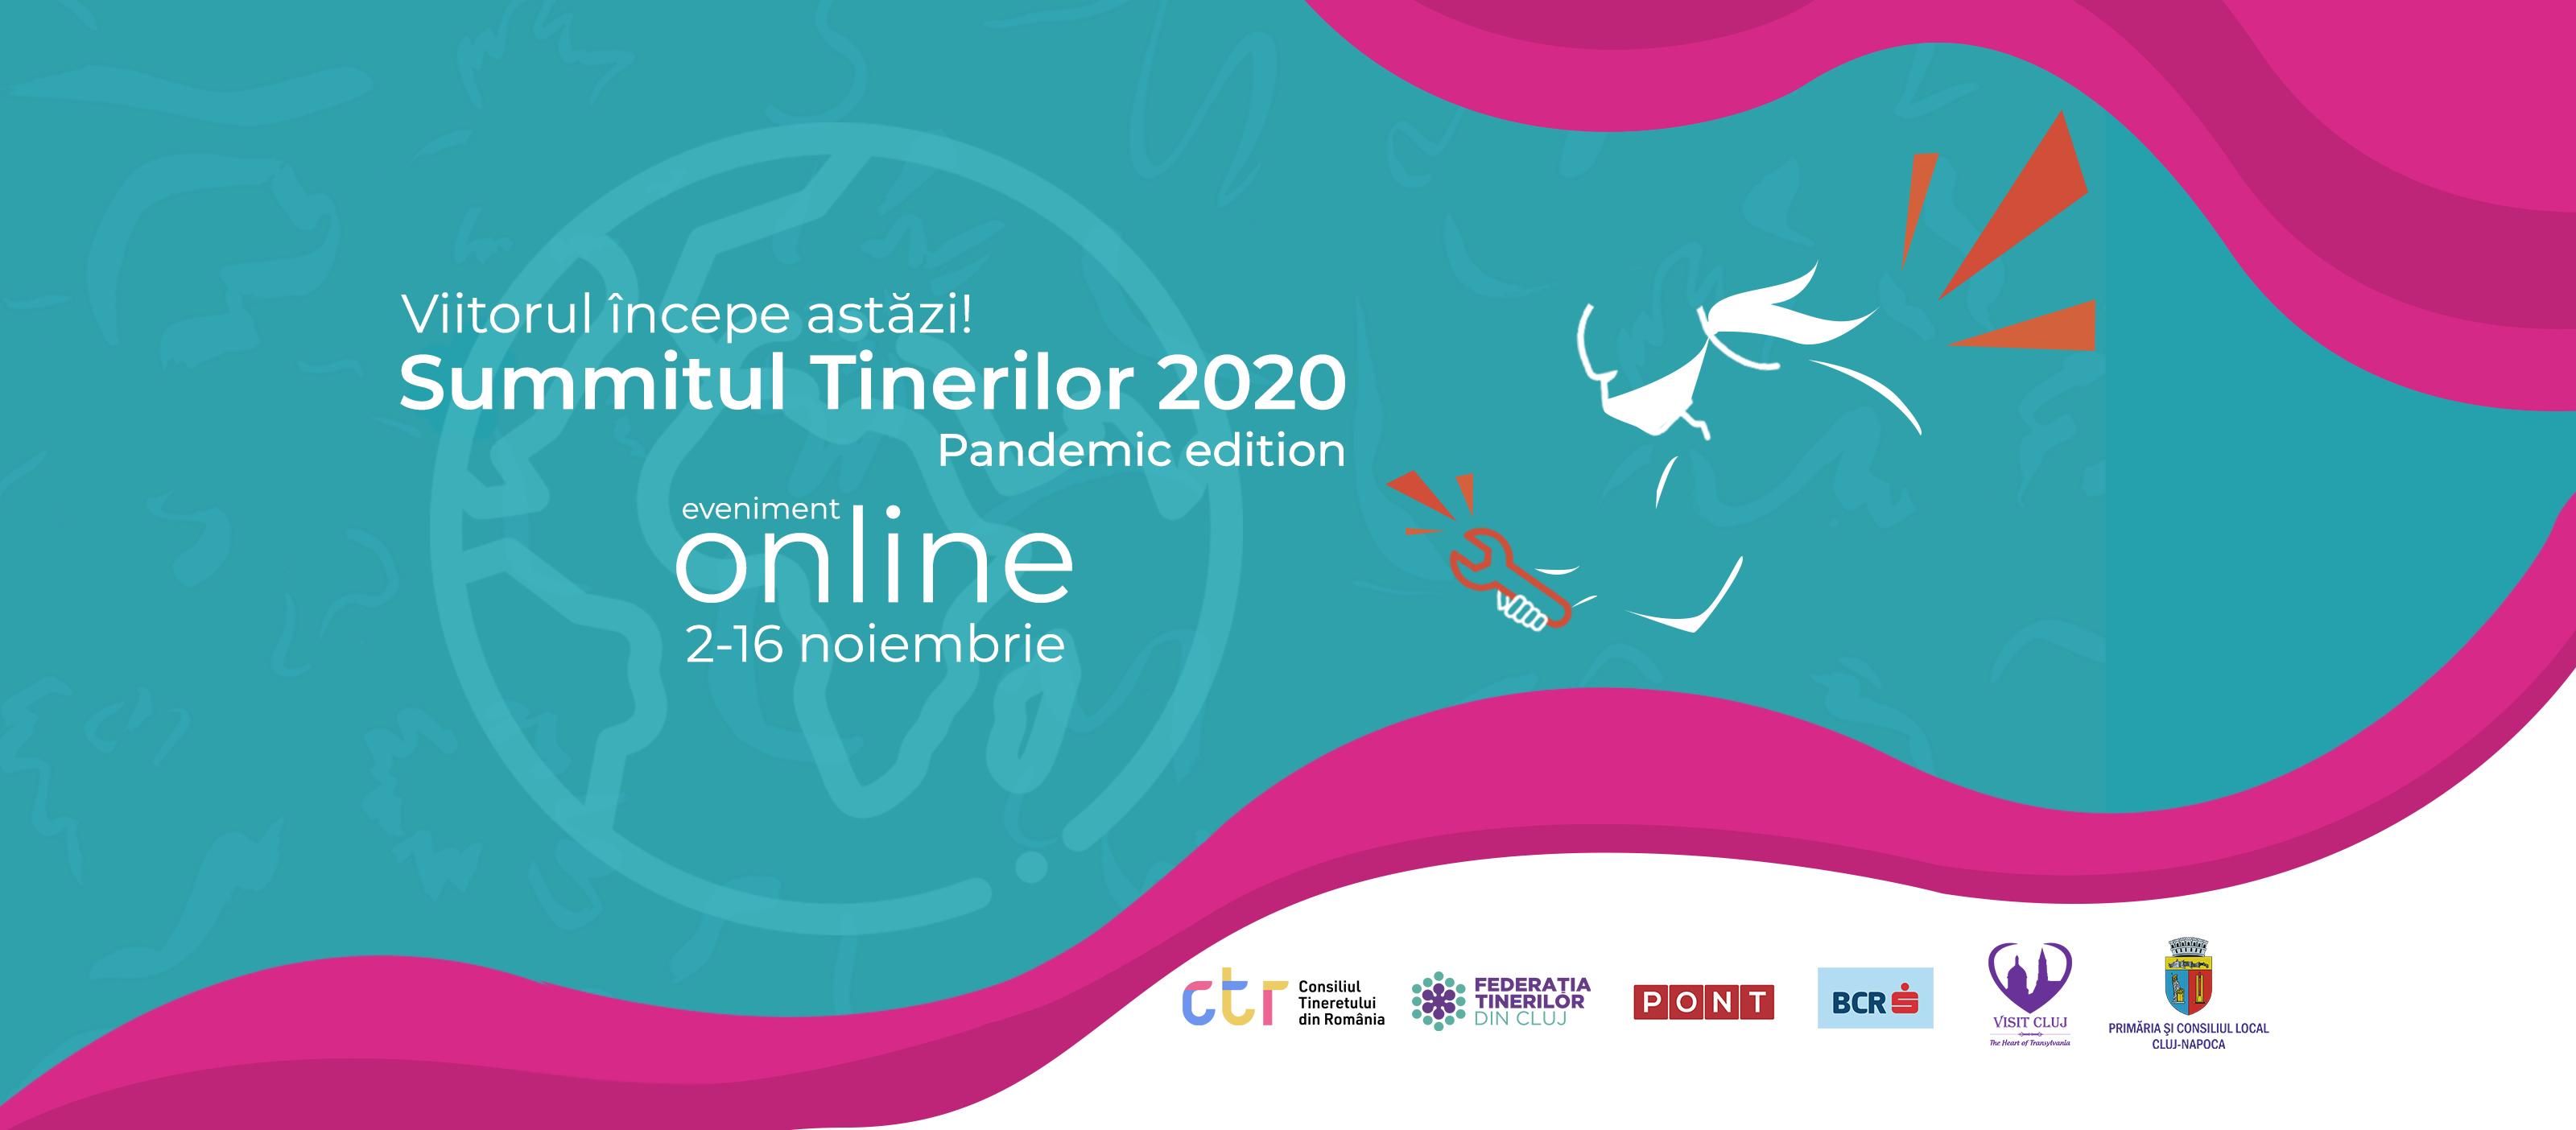 SUMMITUL TINERILOR 2020 – EDIȚIA ANIVERSARĂ SE MUTĂ ONLINE